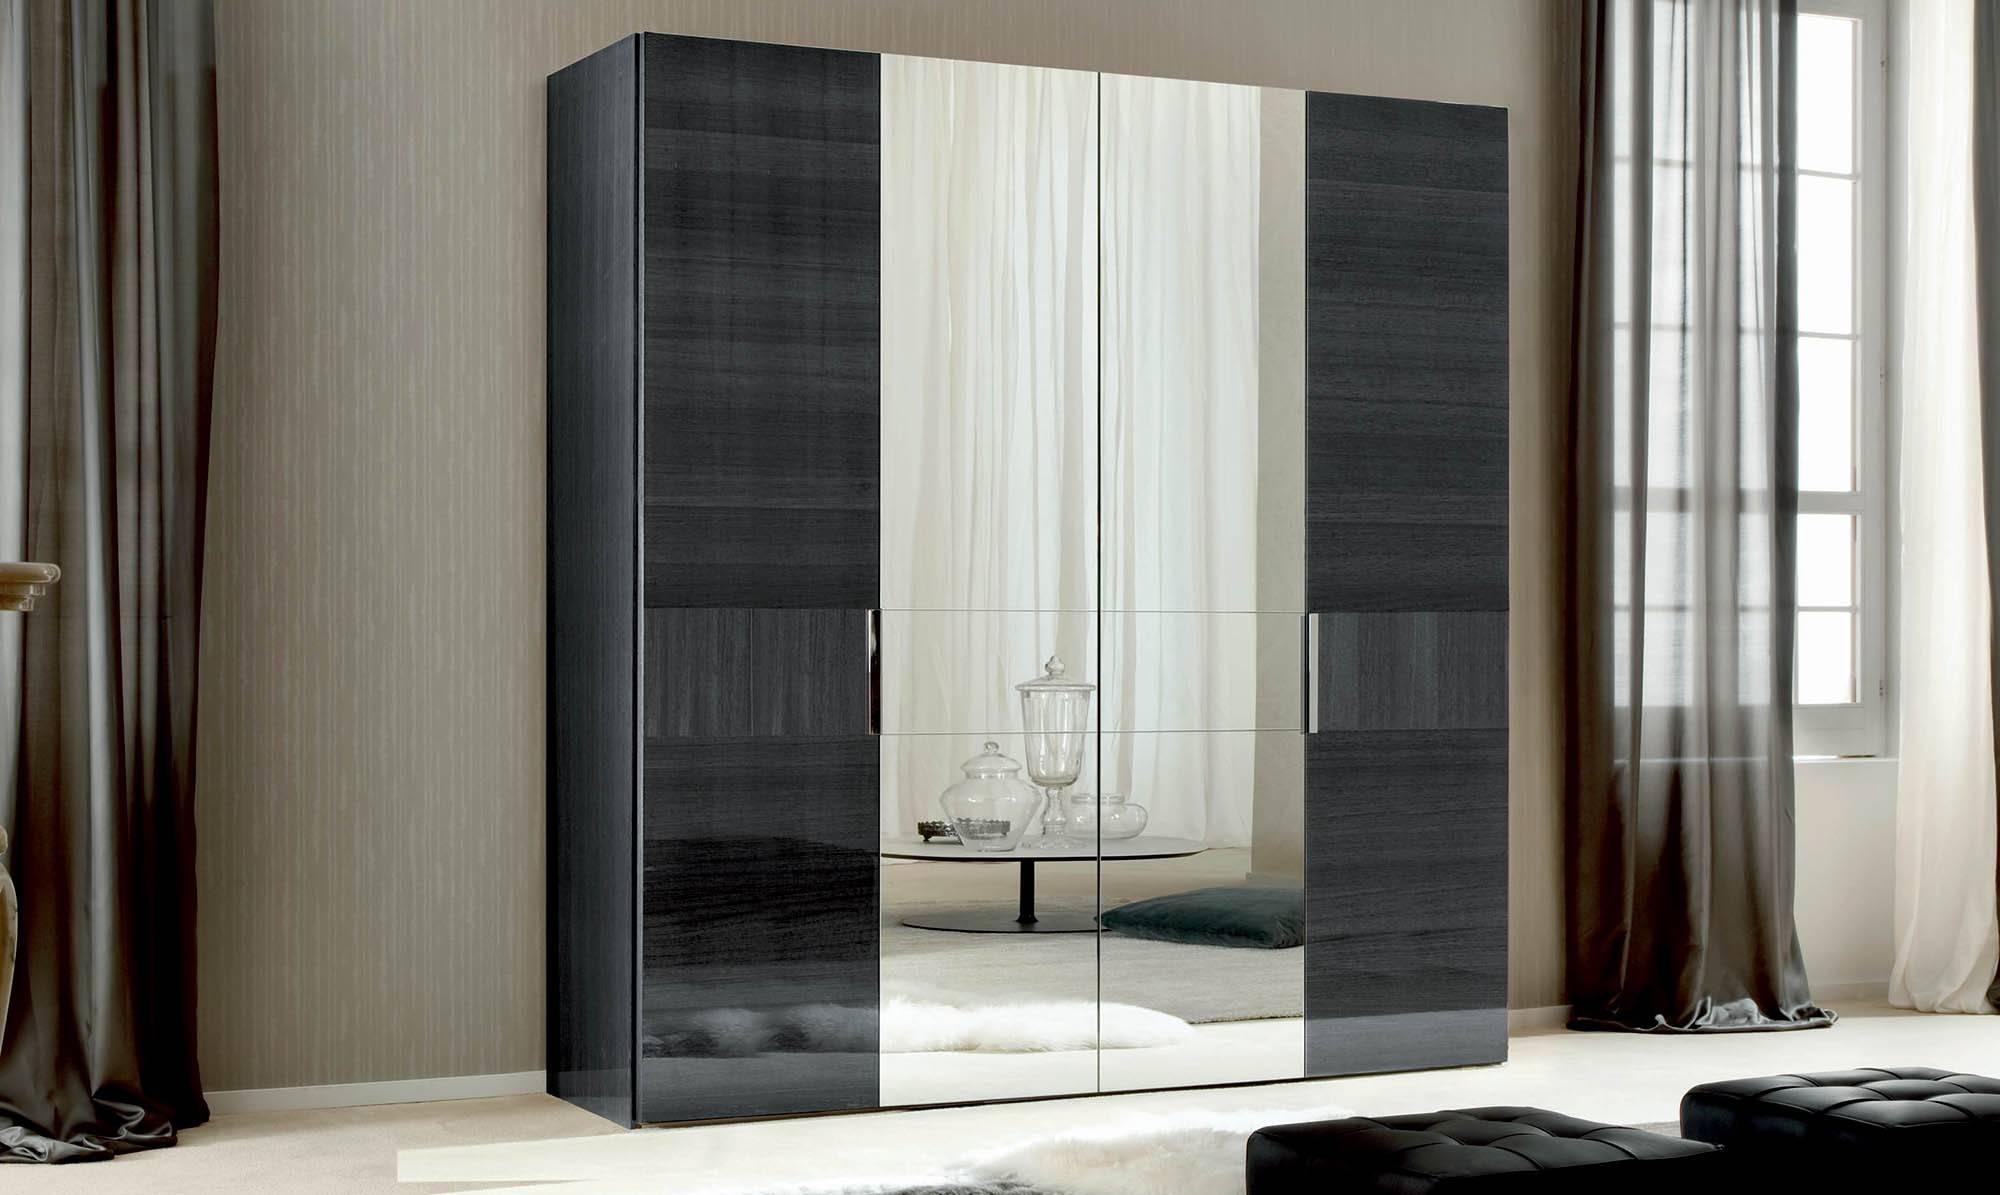 Mirrored Door Wardrobe & Sliding in 4 Door Mirrored Wardrobes (Image 11 of 15)